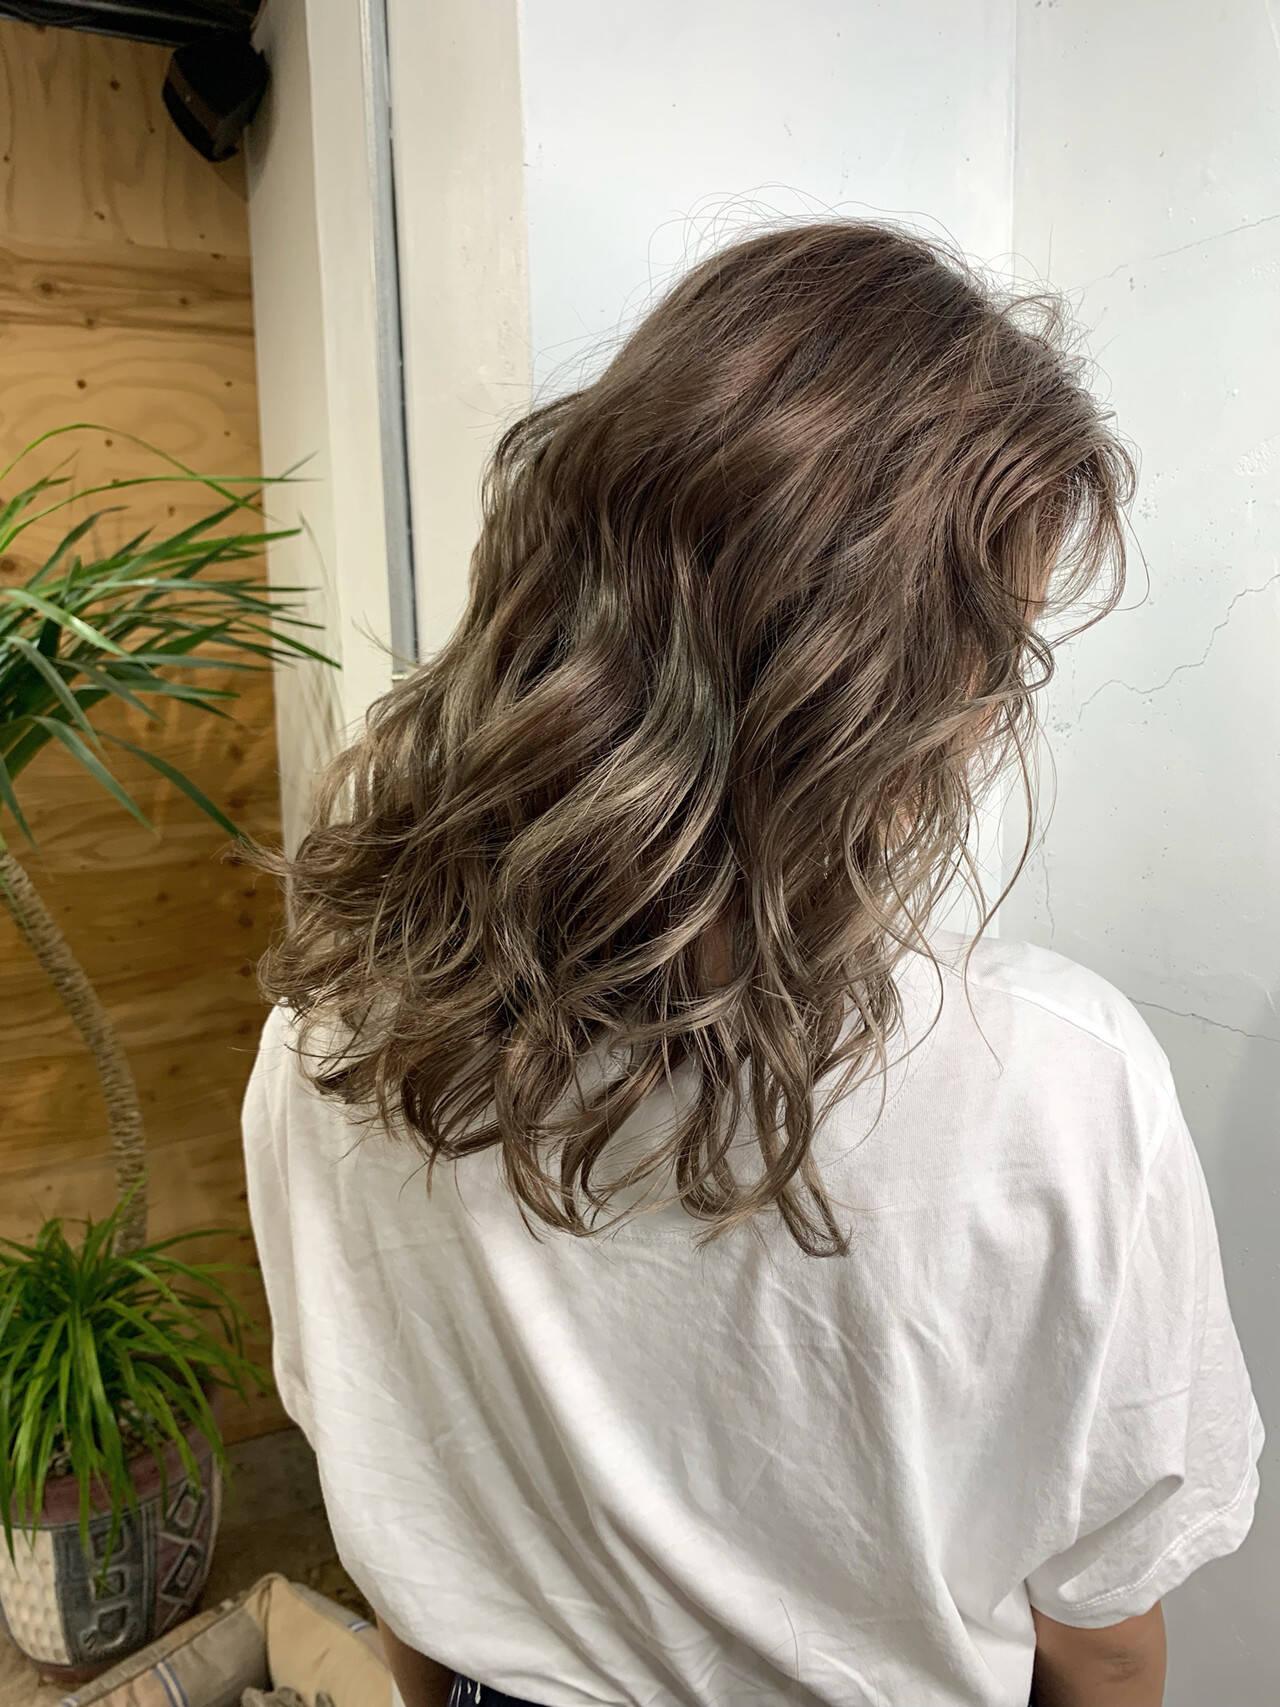 アッシュ バレイヤージュ エレガント セミロングヘアスタイルや髪型の写真・画像